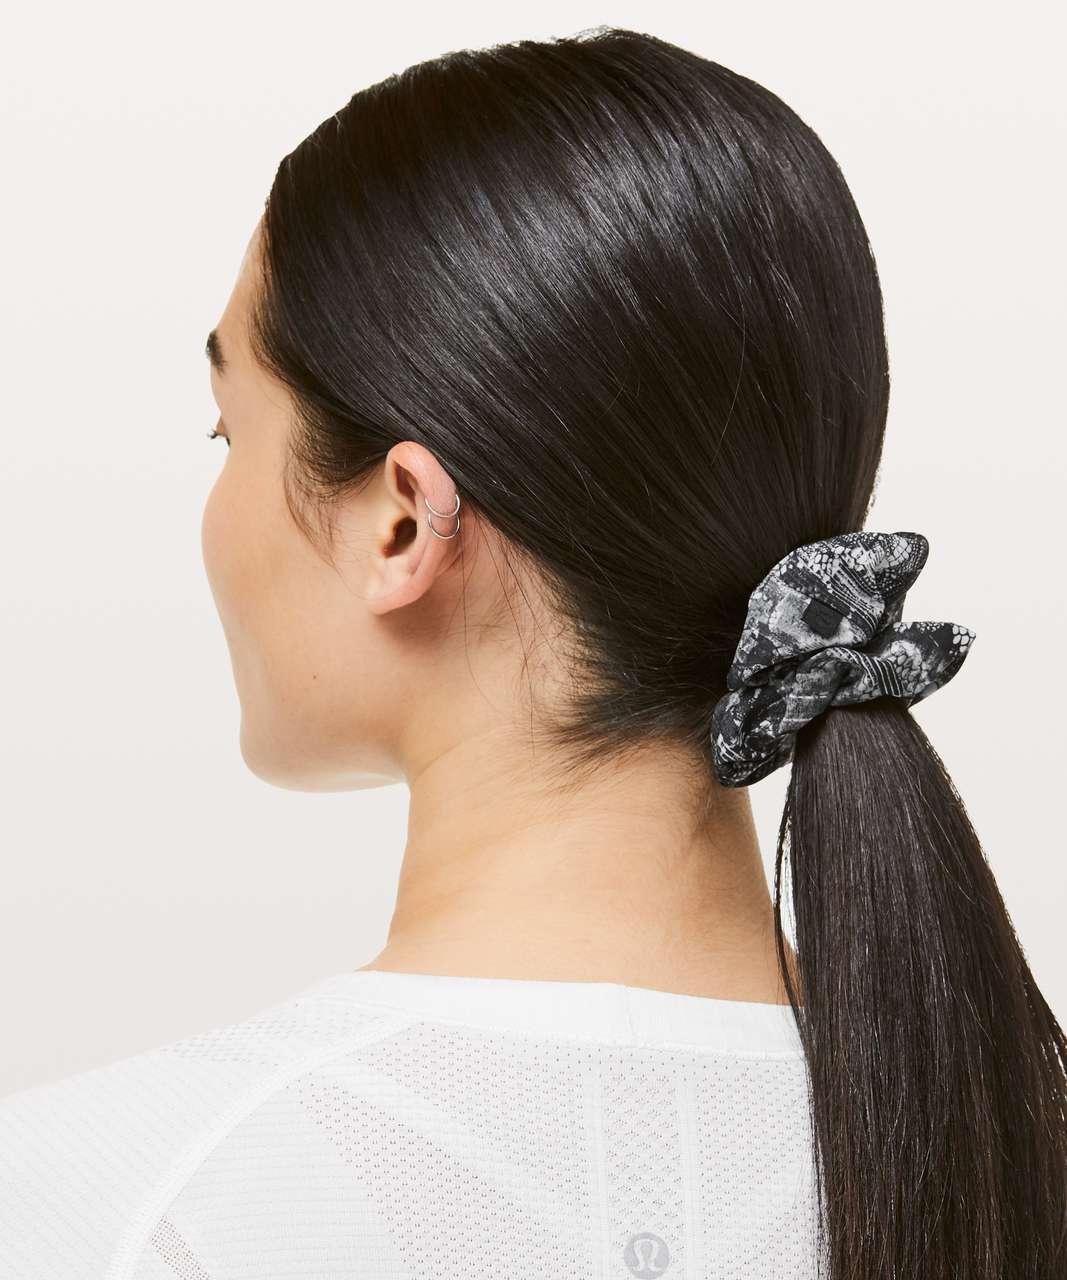 Lululemon Uplifting Scrunchie - Masked Lace Starlight Black